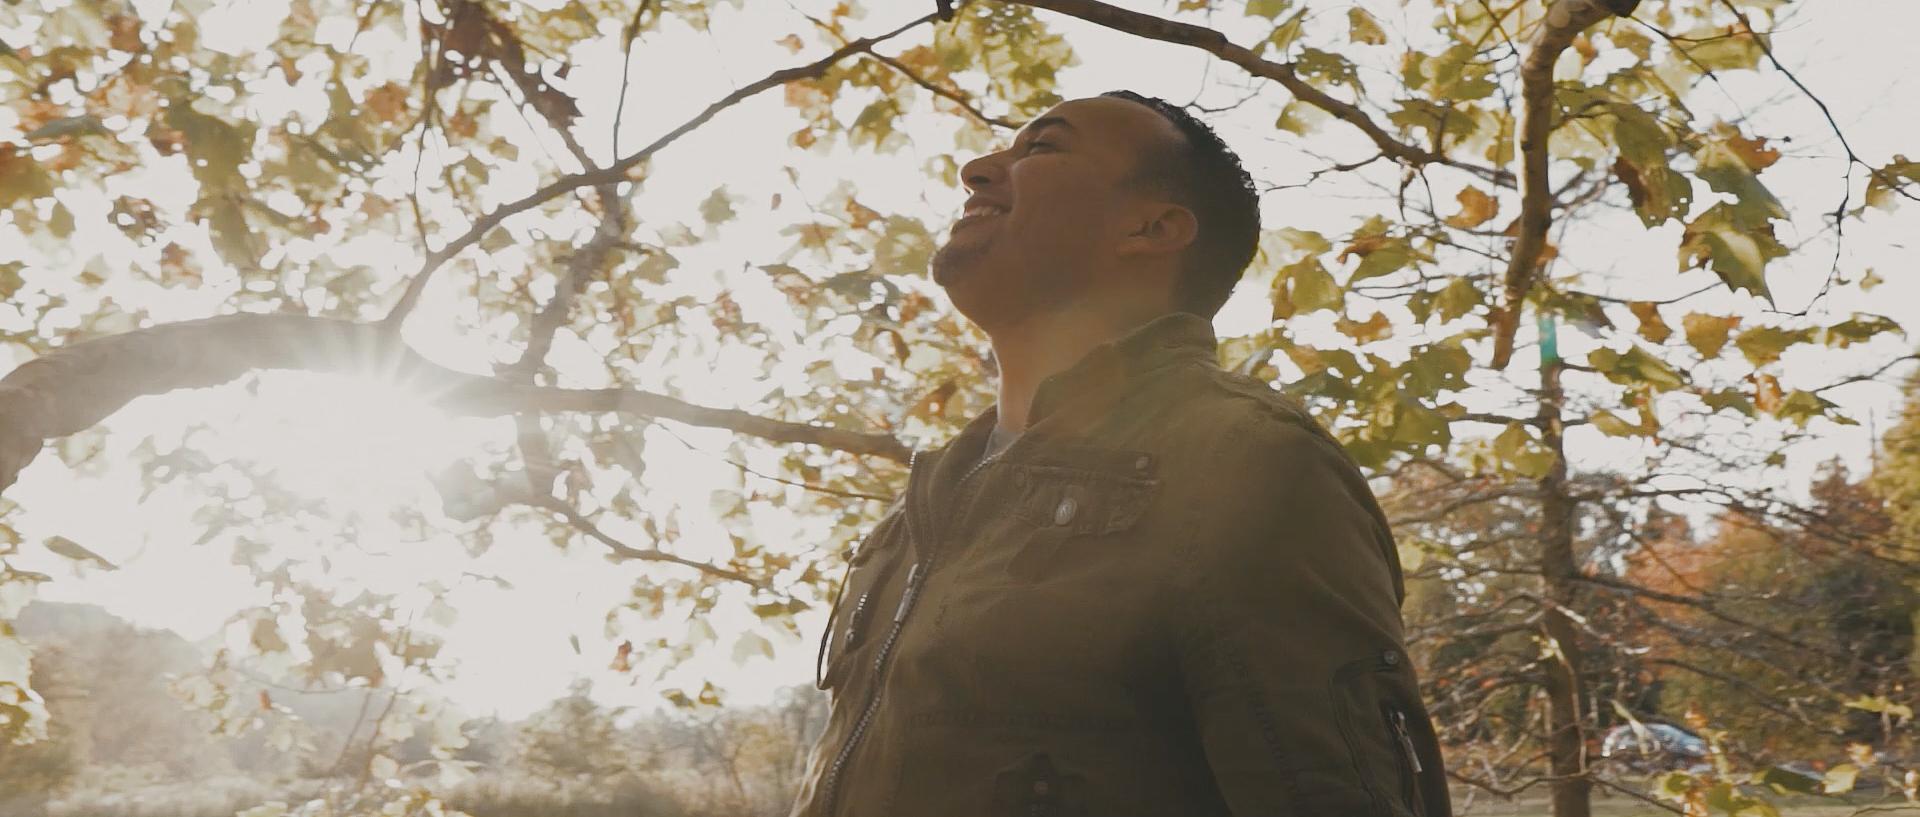 Rafael Saracual - Musica Cristiana TV / Miguel Bautista Cinematographer